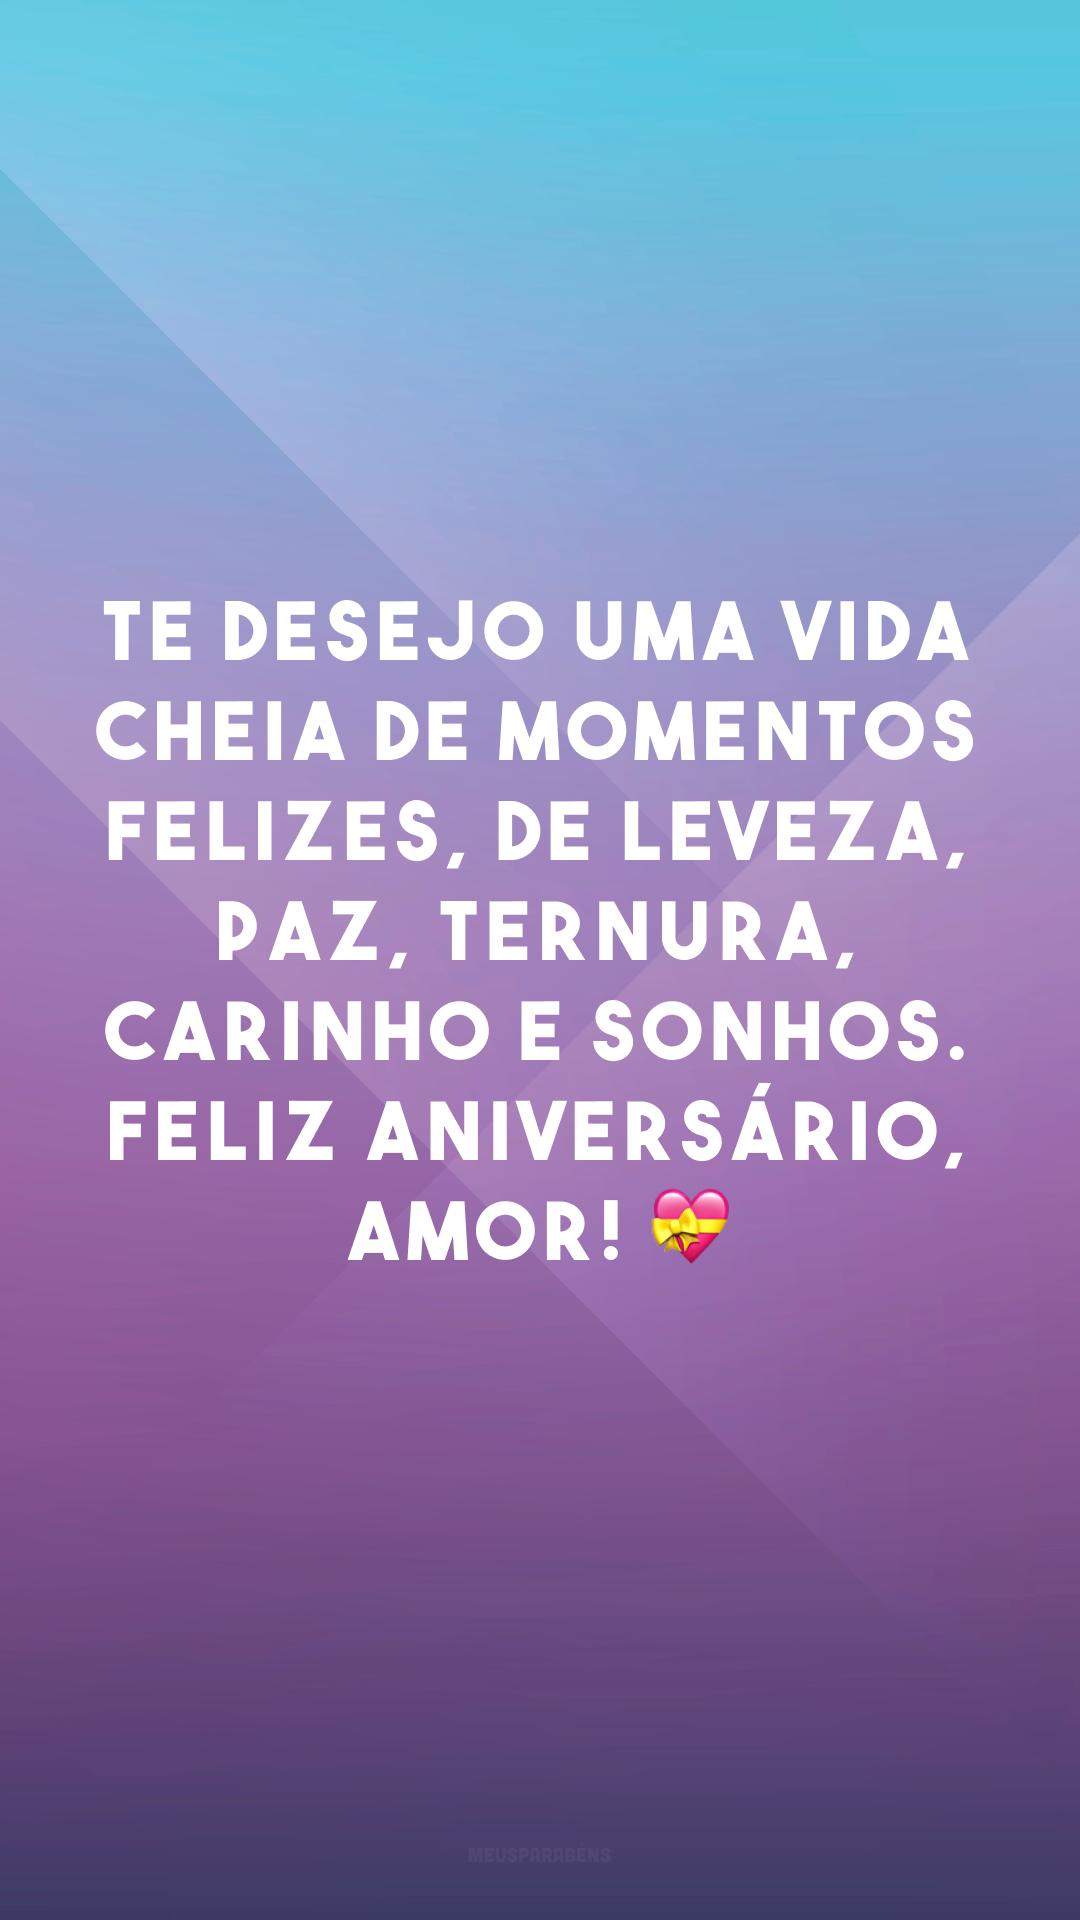 Te desejo uma vida cheia de momentos felizes, de leveza, paz, ternura, carinho e sonhos. Feliz aniversário, amor! 💝